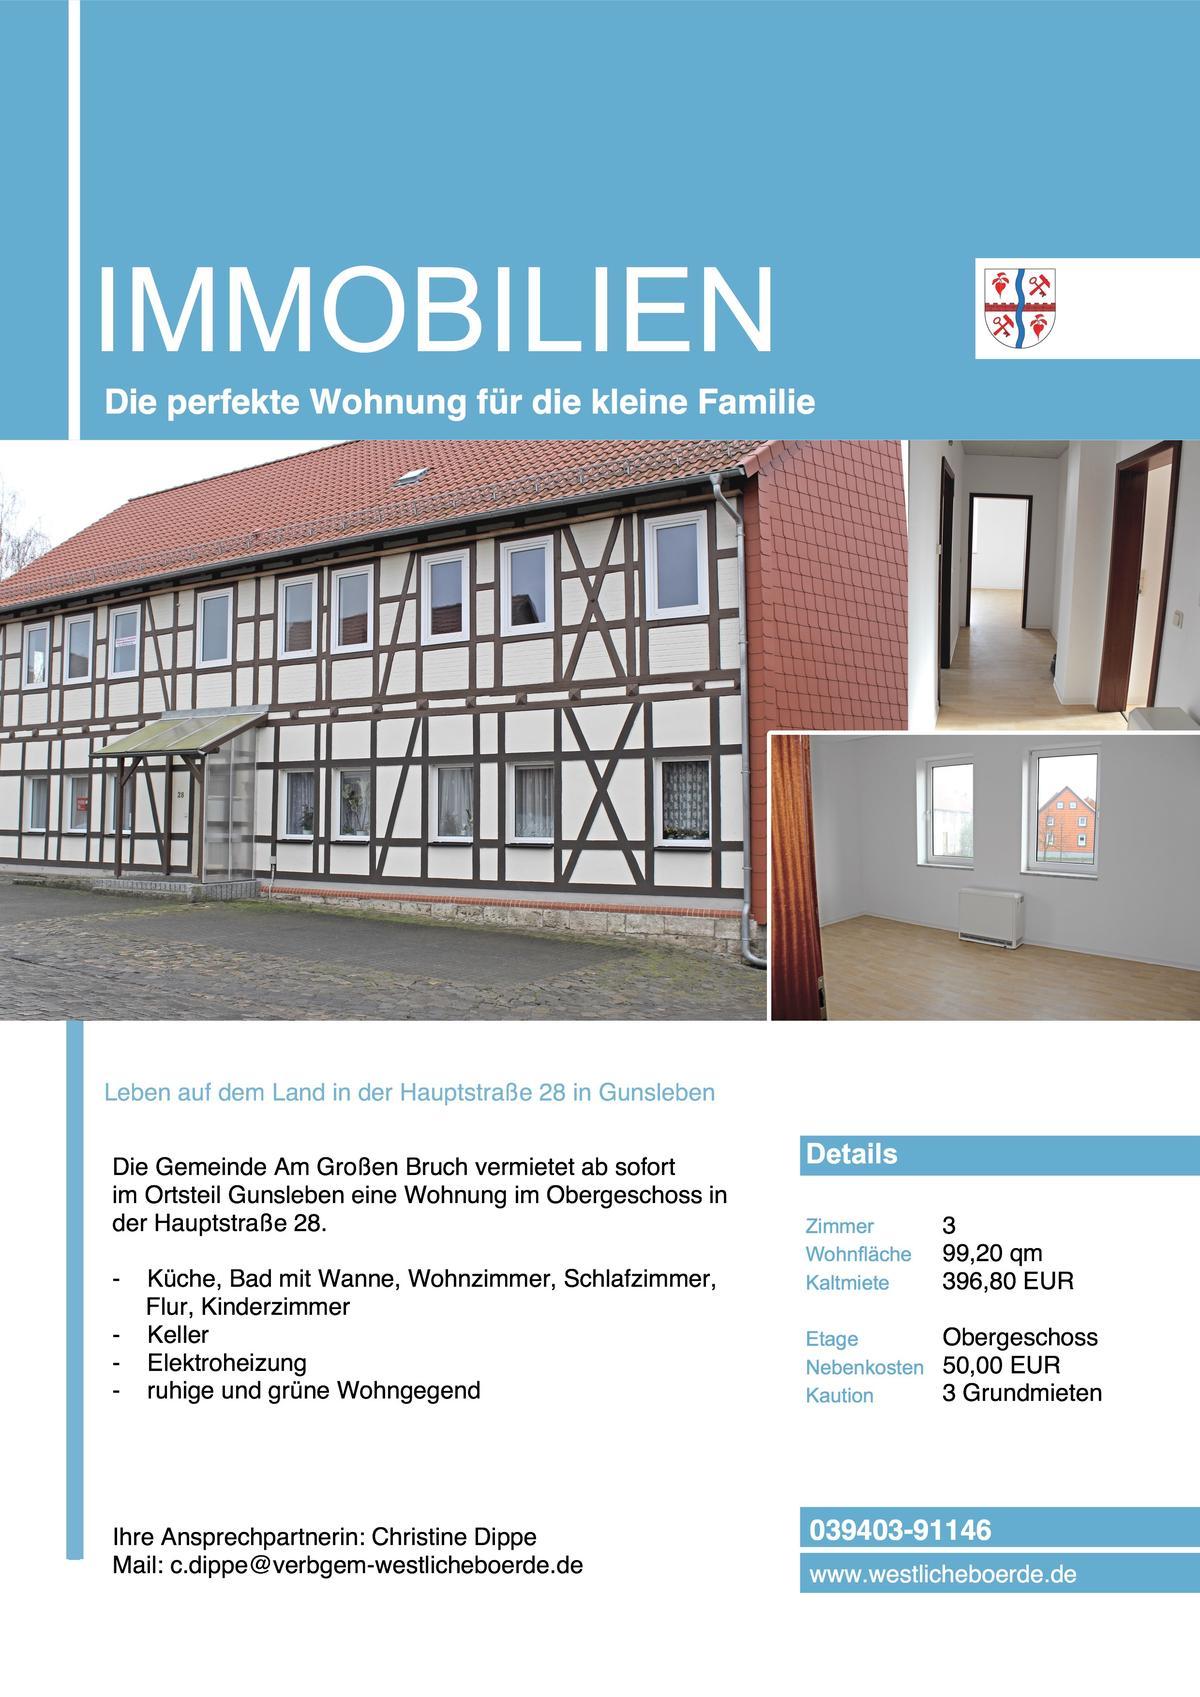 3 Raum Wohnung In Gunsleben Bei Oschersleben